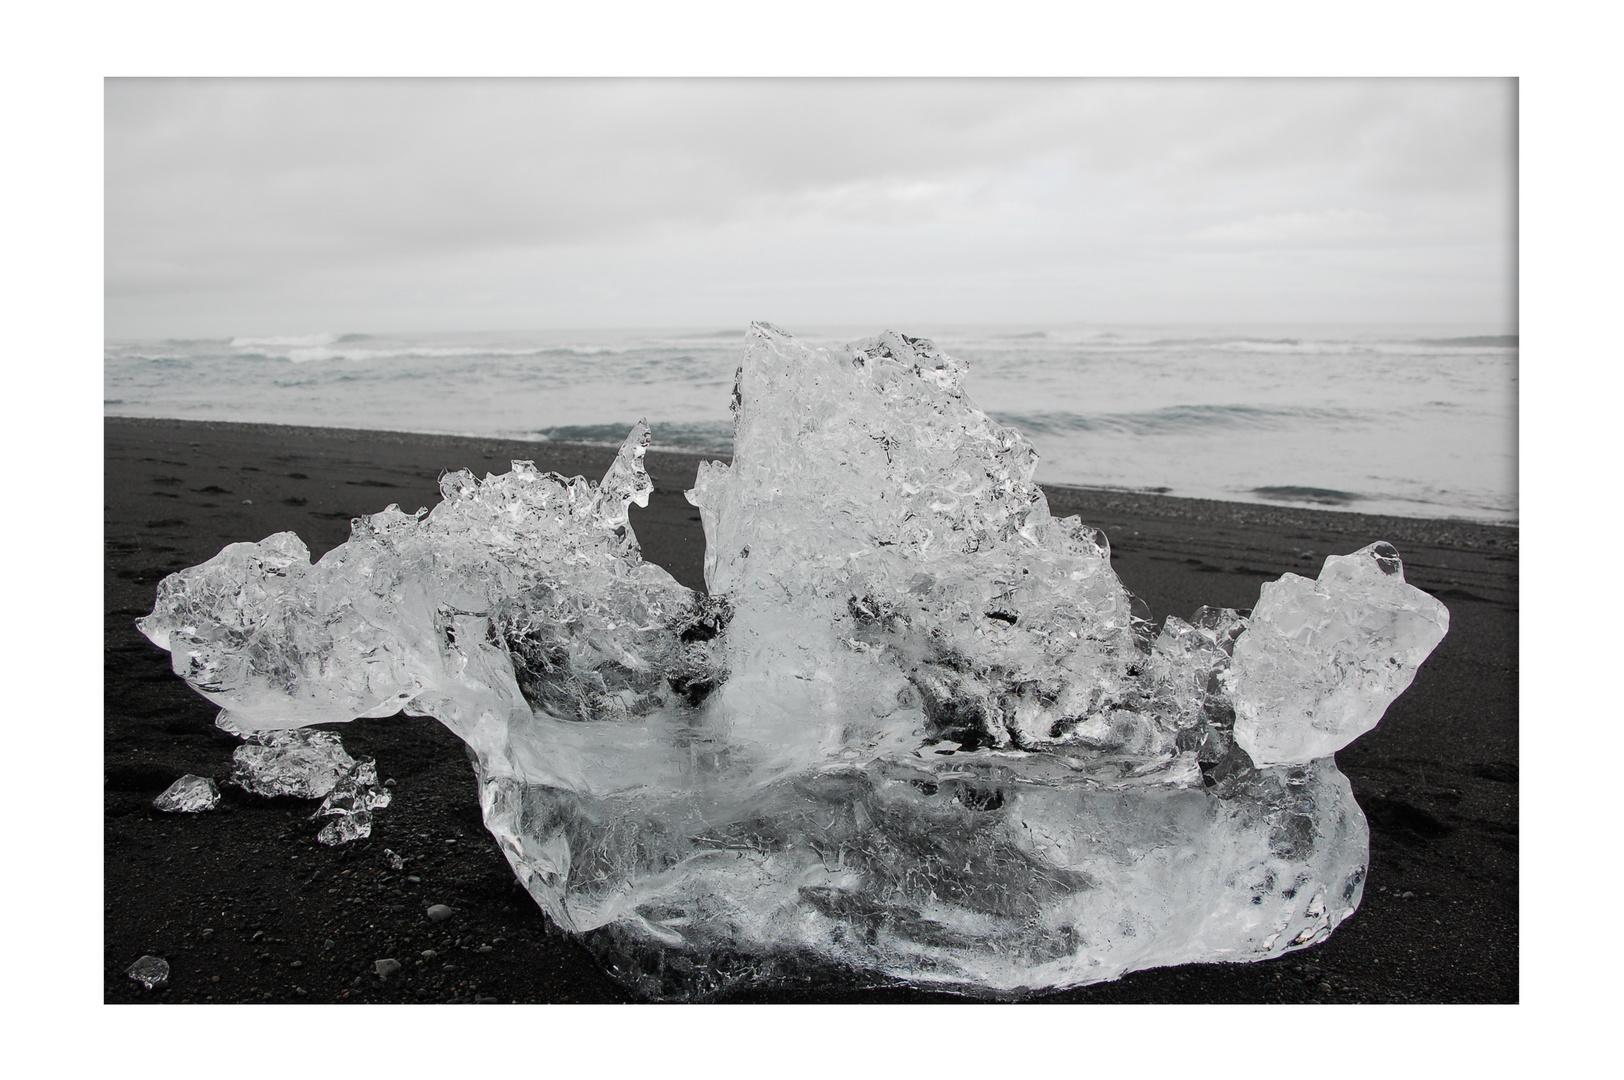 Icy Jökulsarlon